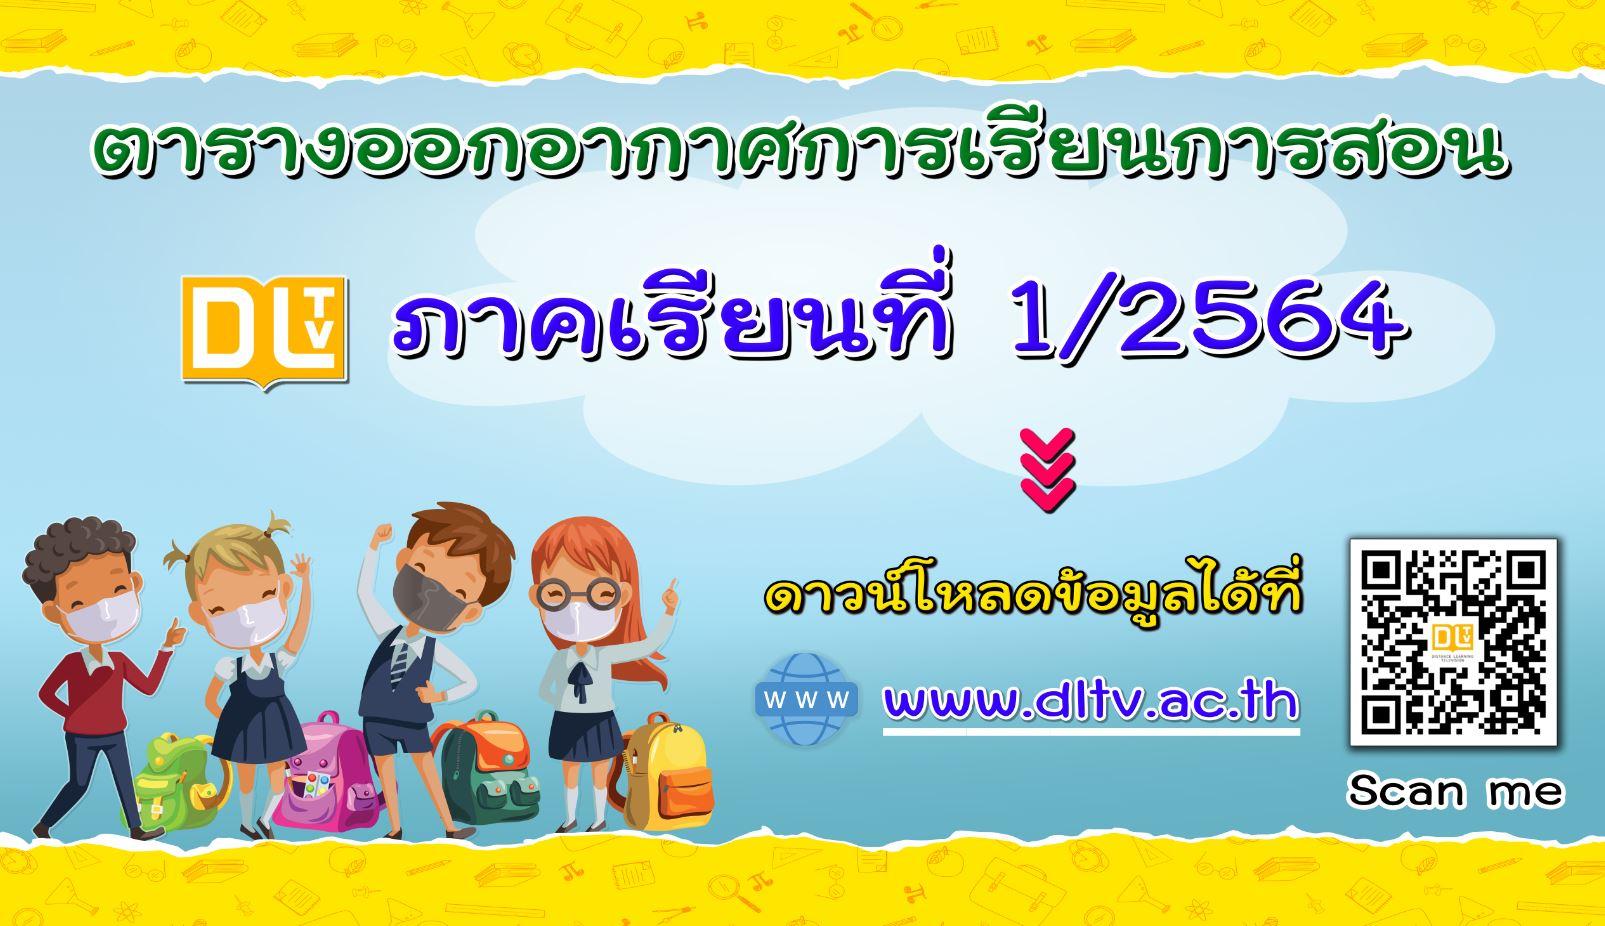 ตารางออกอากาศการเรียนการสอน DLTV ภาคเรียนที่ 1 ปีการศึกษา 2564